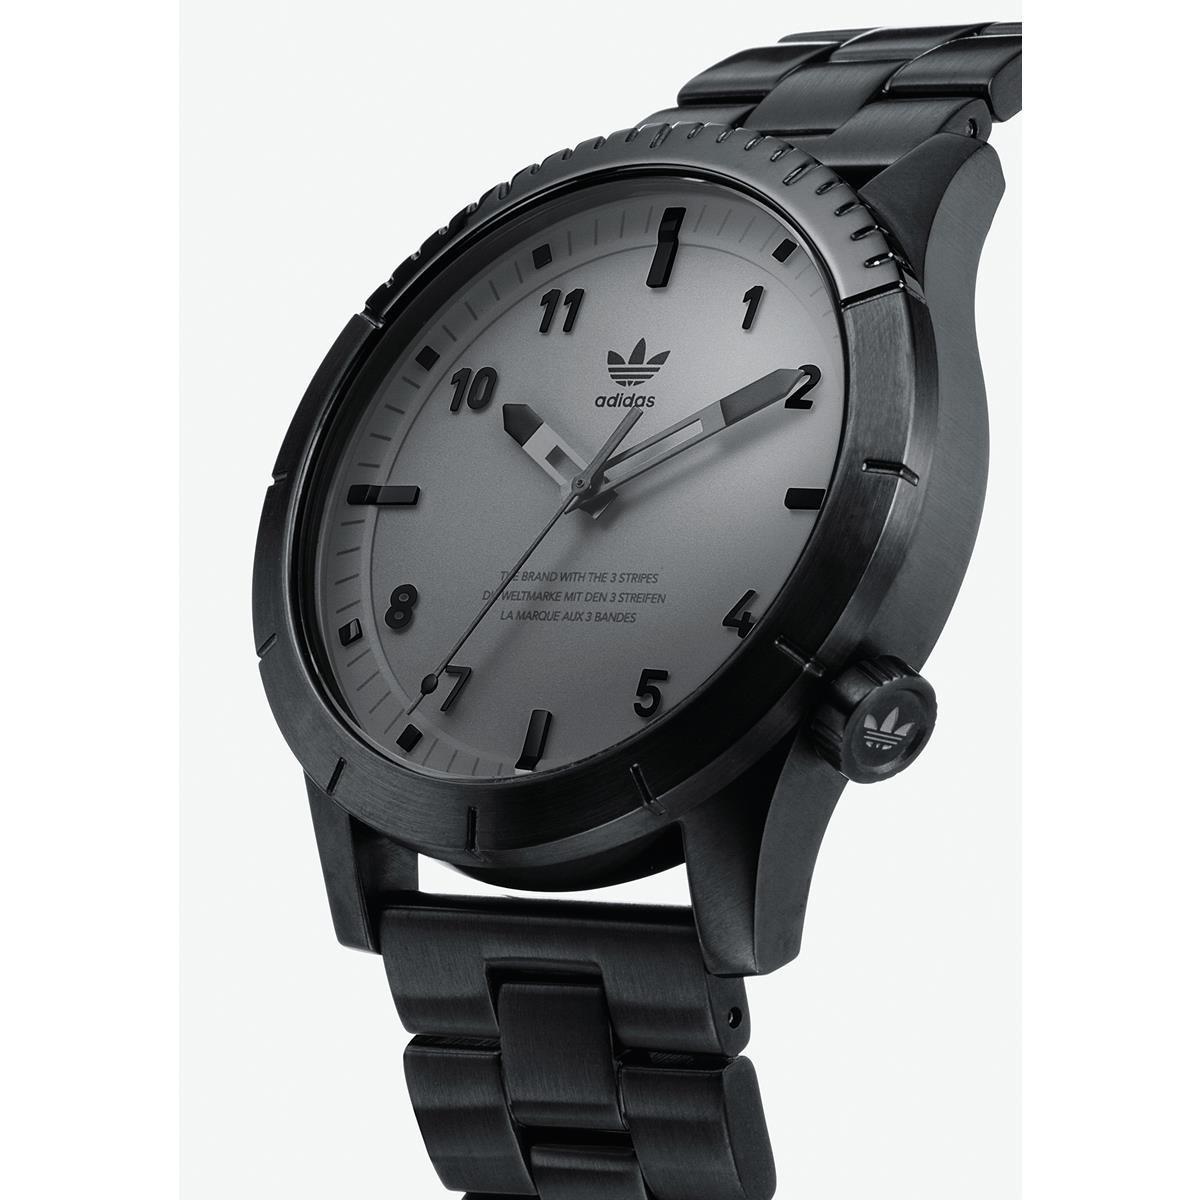 Adidas by Nixon Reloj Analogico para Hombre de Cuarzo con Correa en Acero Inoxidable Z03-017-00: Amazon.es: Relojes